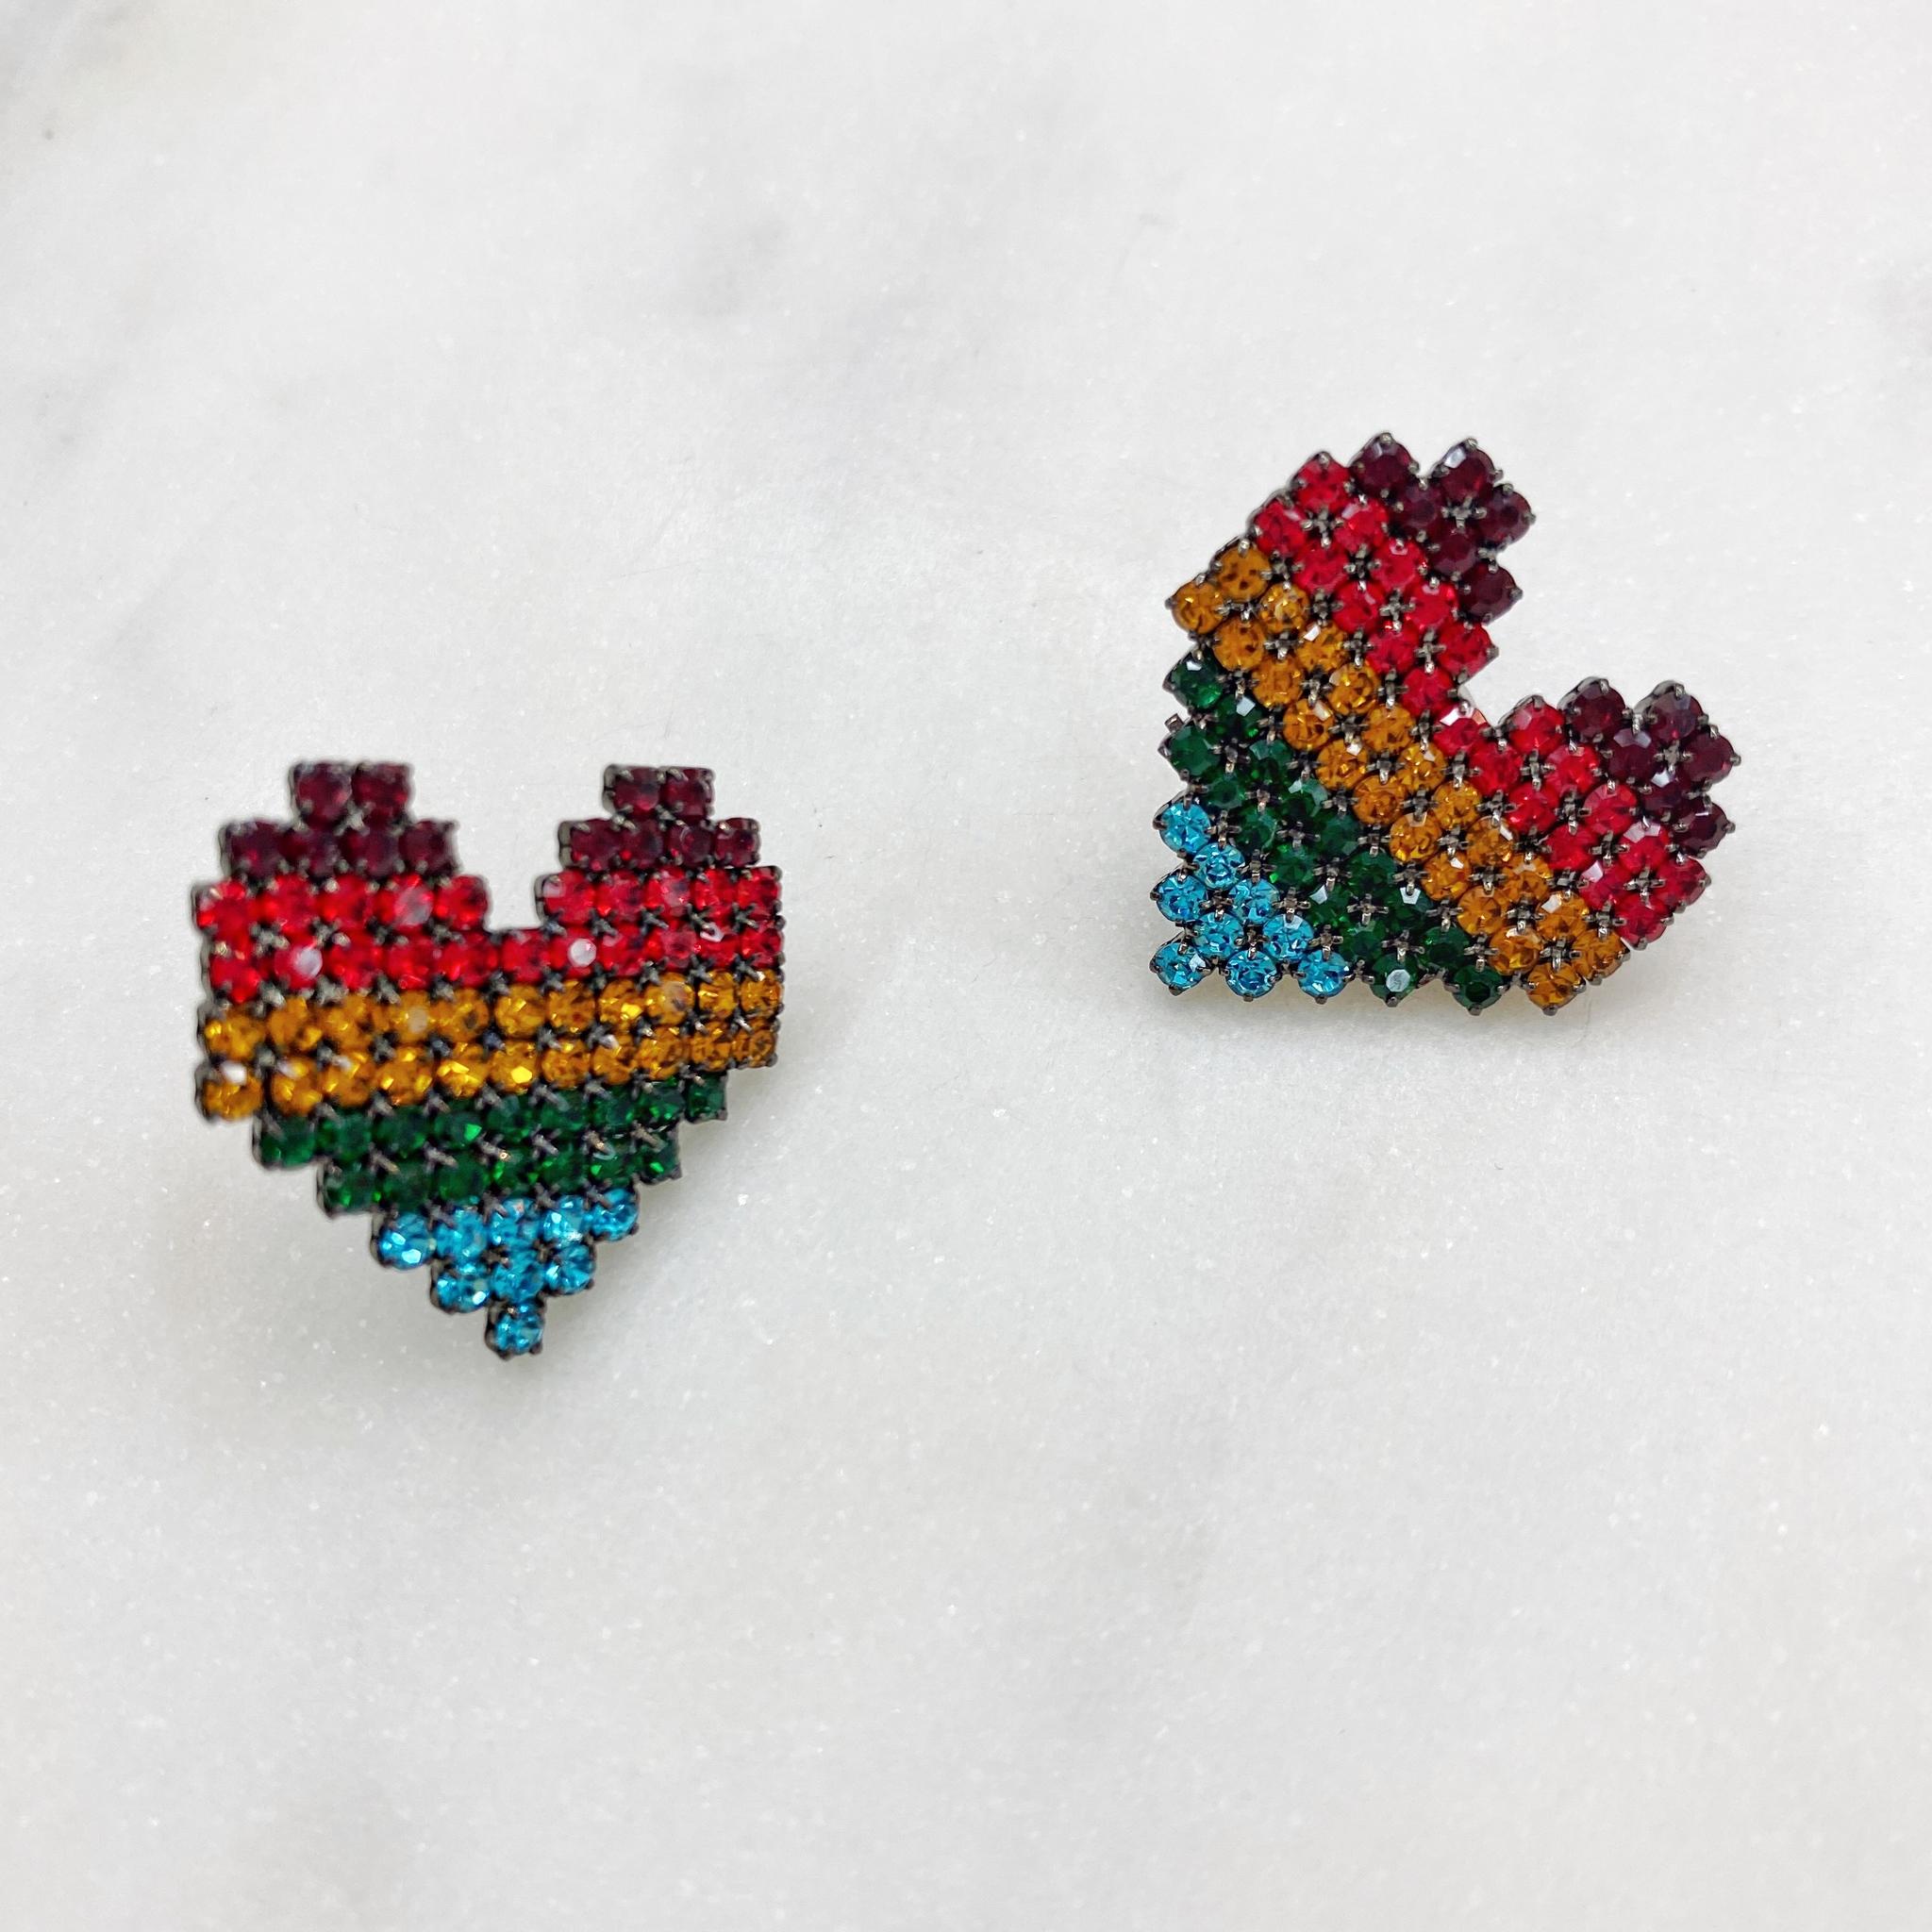 Серьги MIX сердечки ш925 (мультицвет)